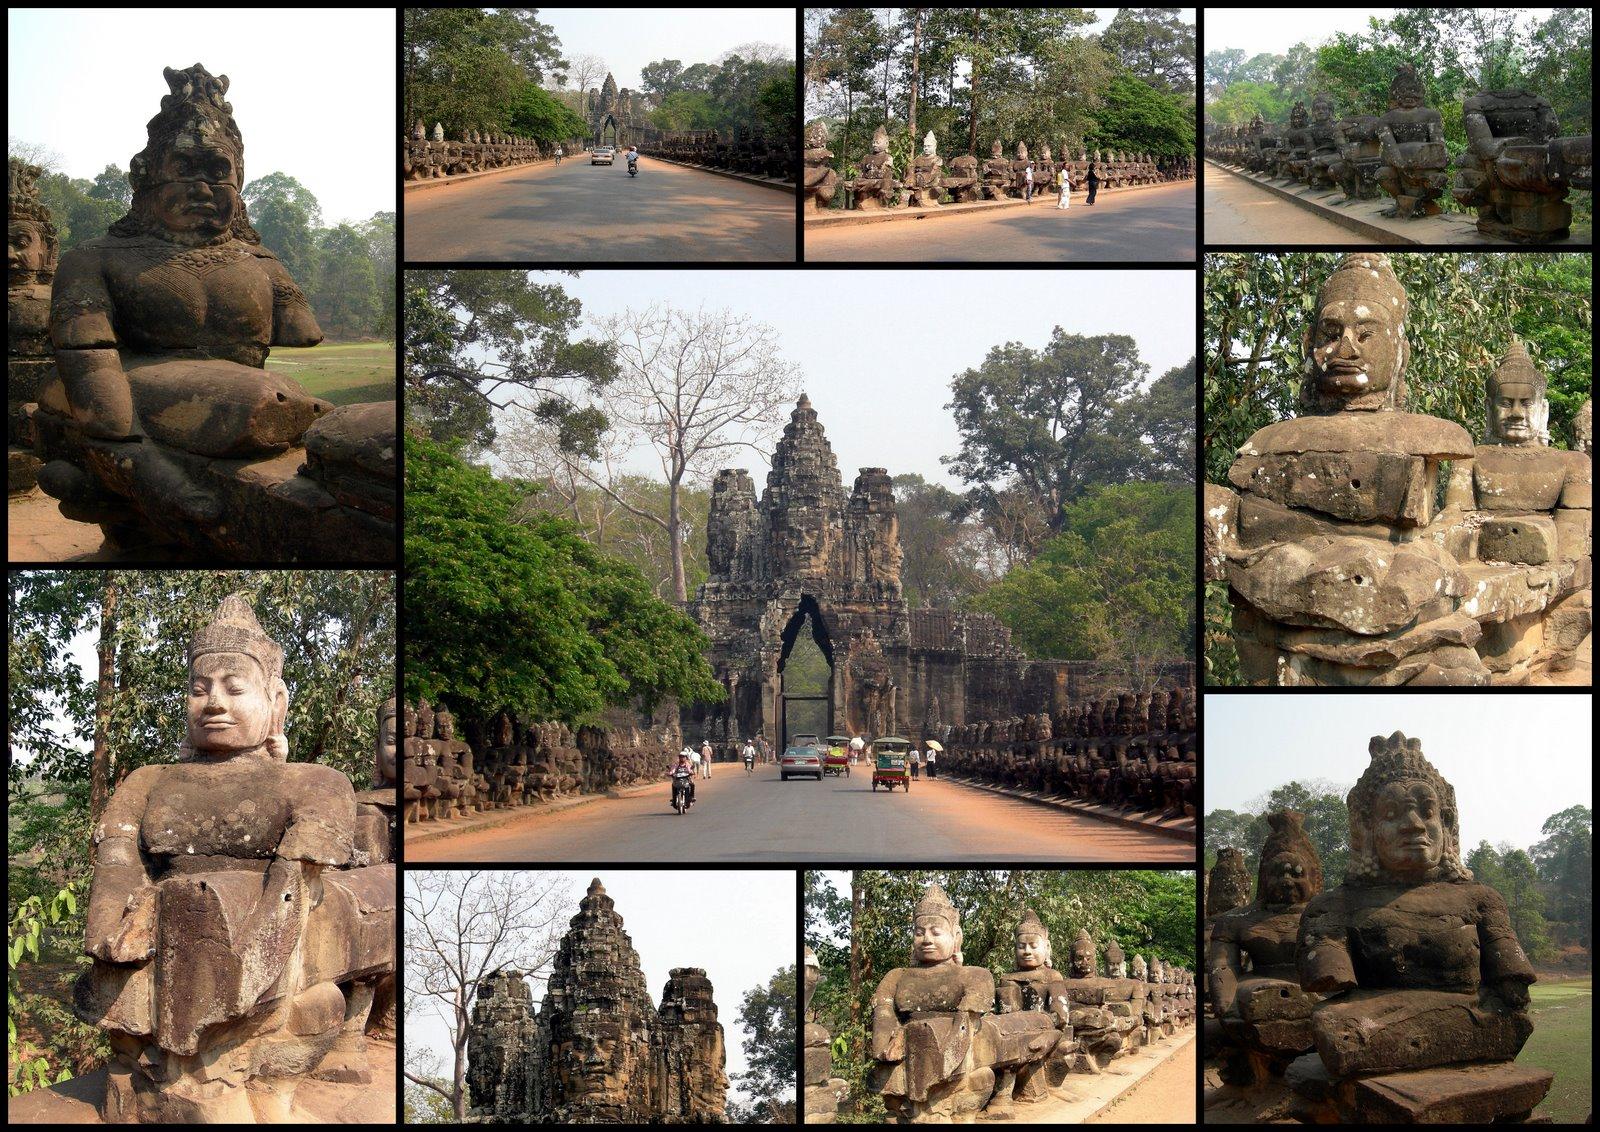 https://i0.wp.com/2.bp.blogspot.com/_X5BQbecGrps/TBge1qGxMdI/AAAAAAABVeM/vBk8pO-uI5s/s1600/Cambodia%2B%2526%2BKL1.jpg